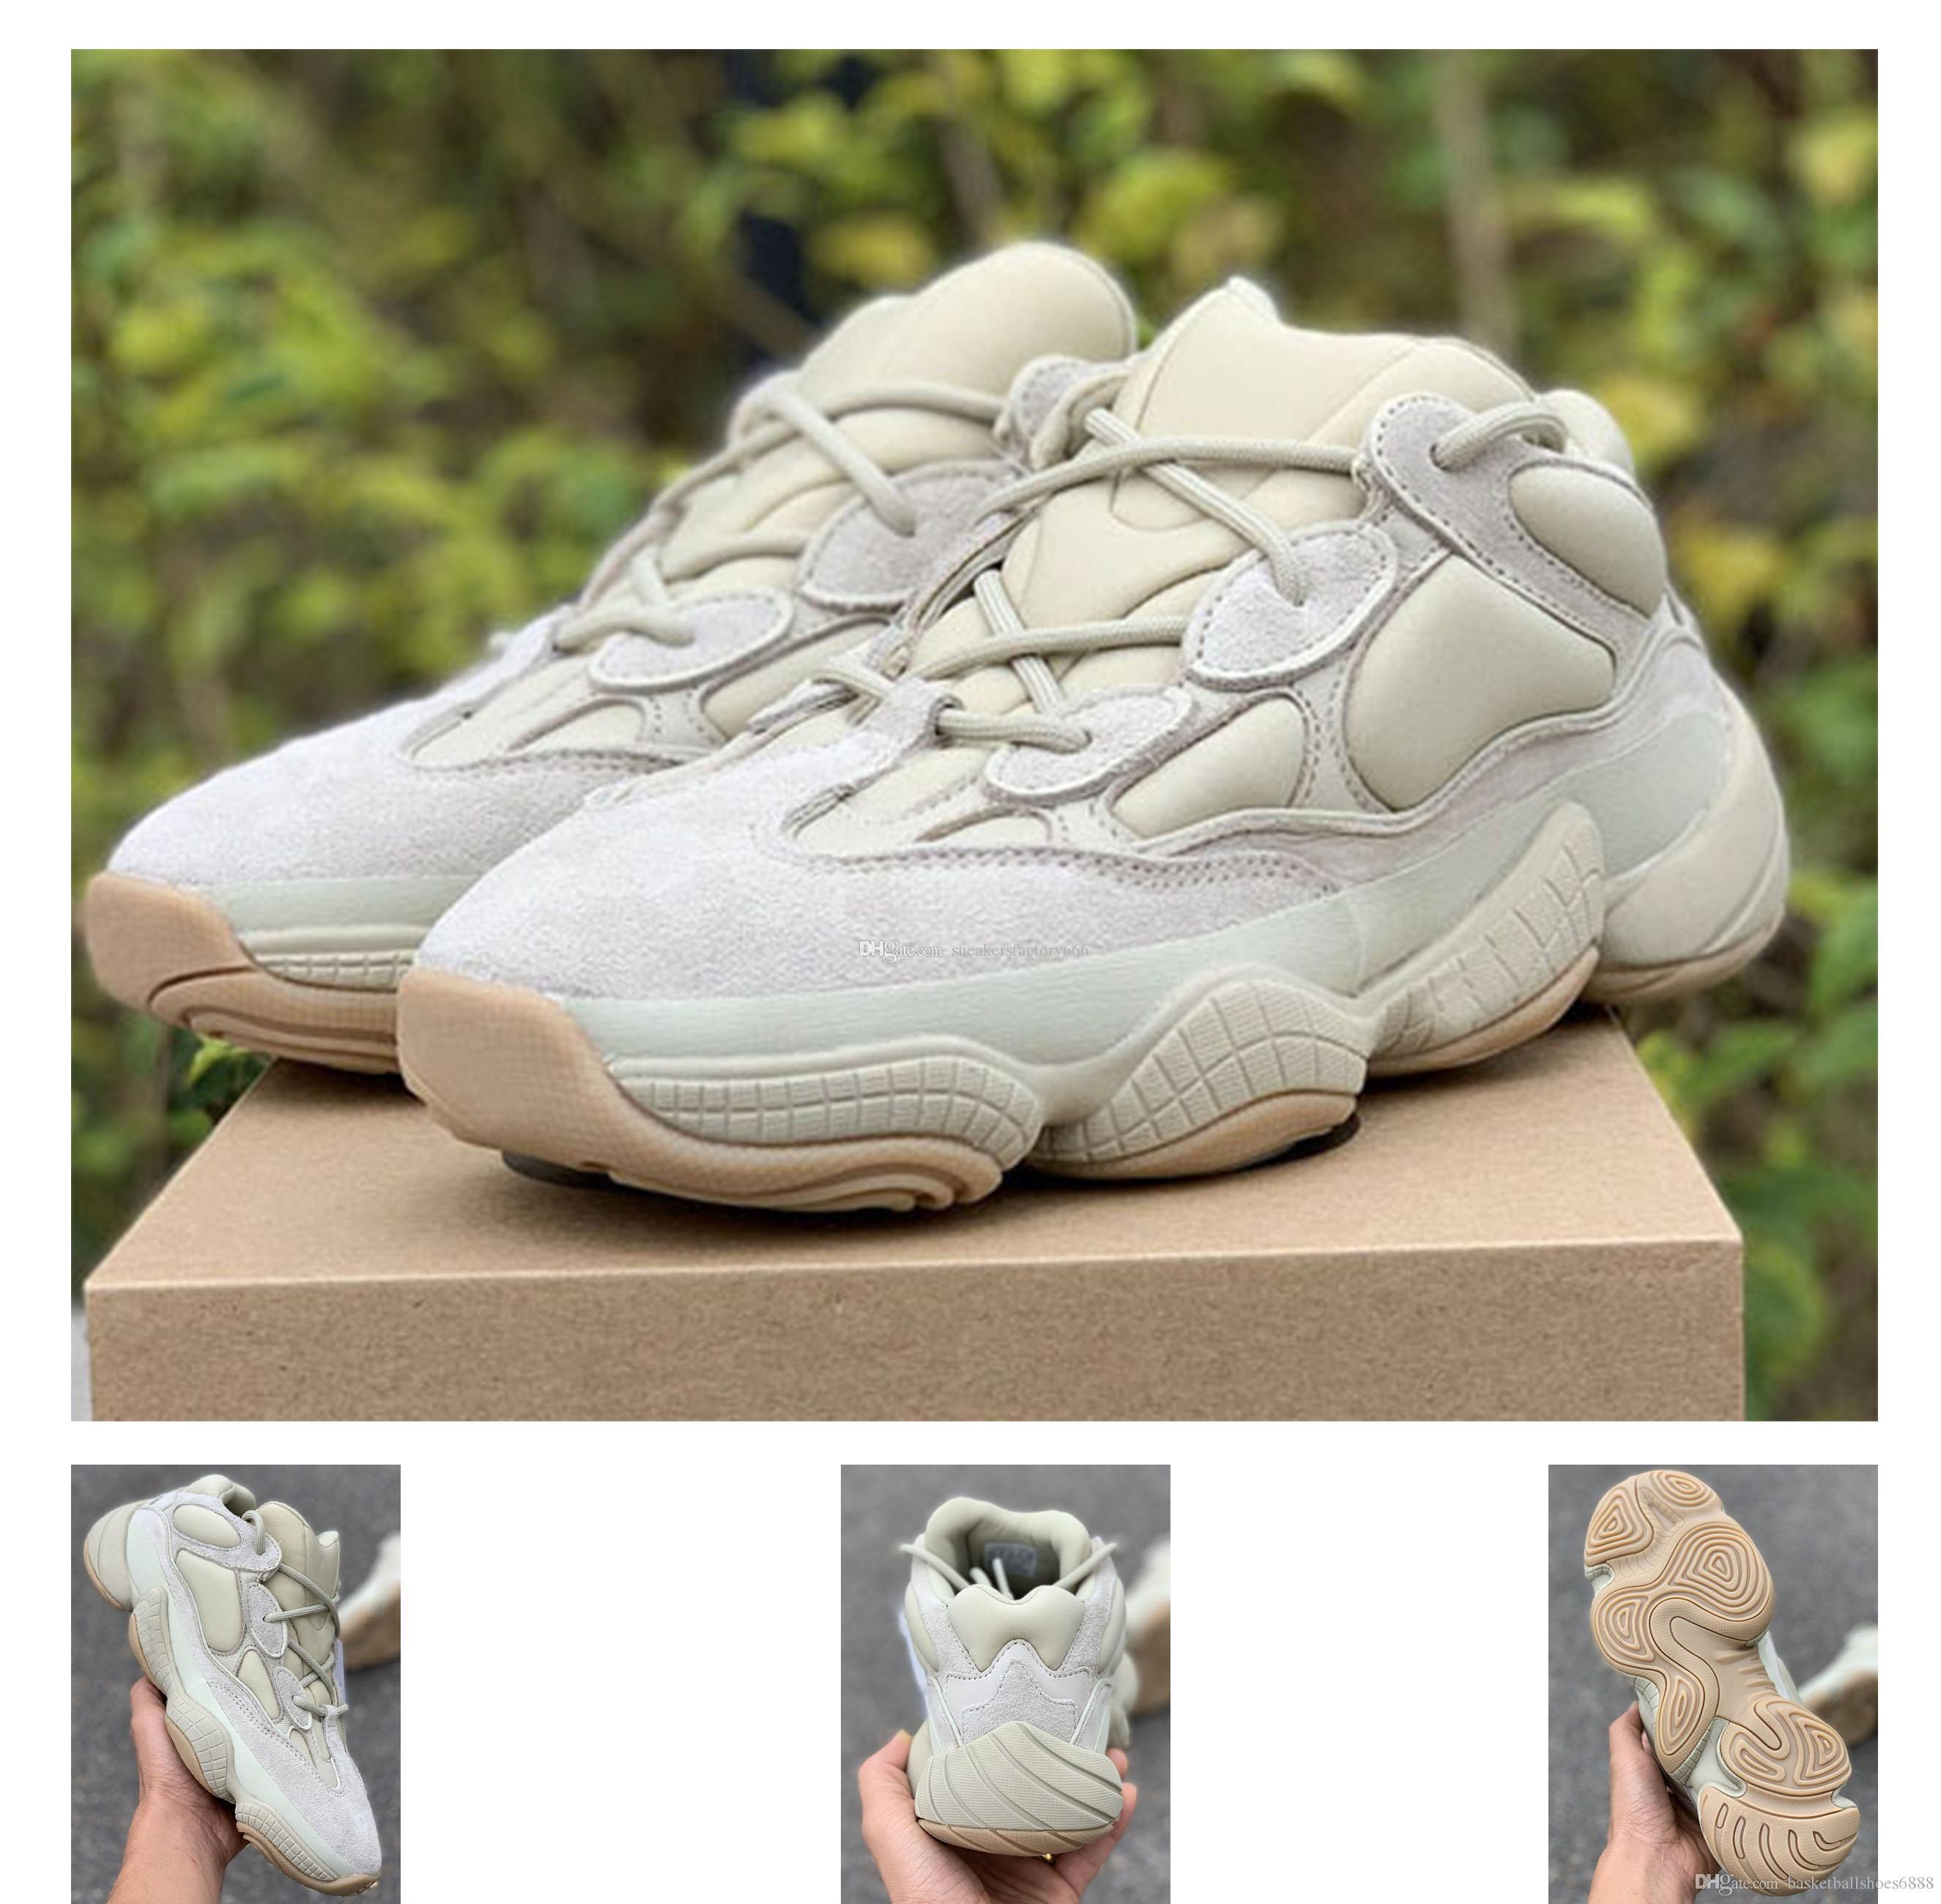 Нового высокого качество Kanye West Bone White Desert RAT 500 Топ случайной обуви Мужчины Женщина 500 Камень обуви с Box Size36-46